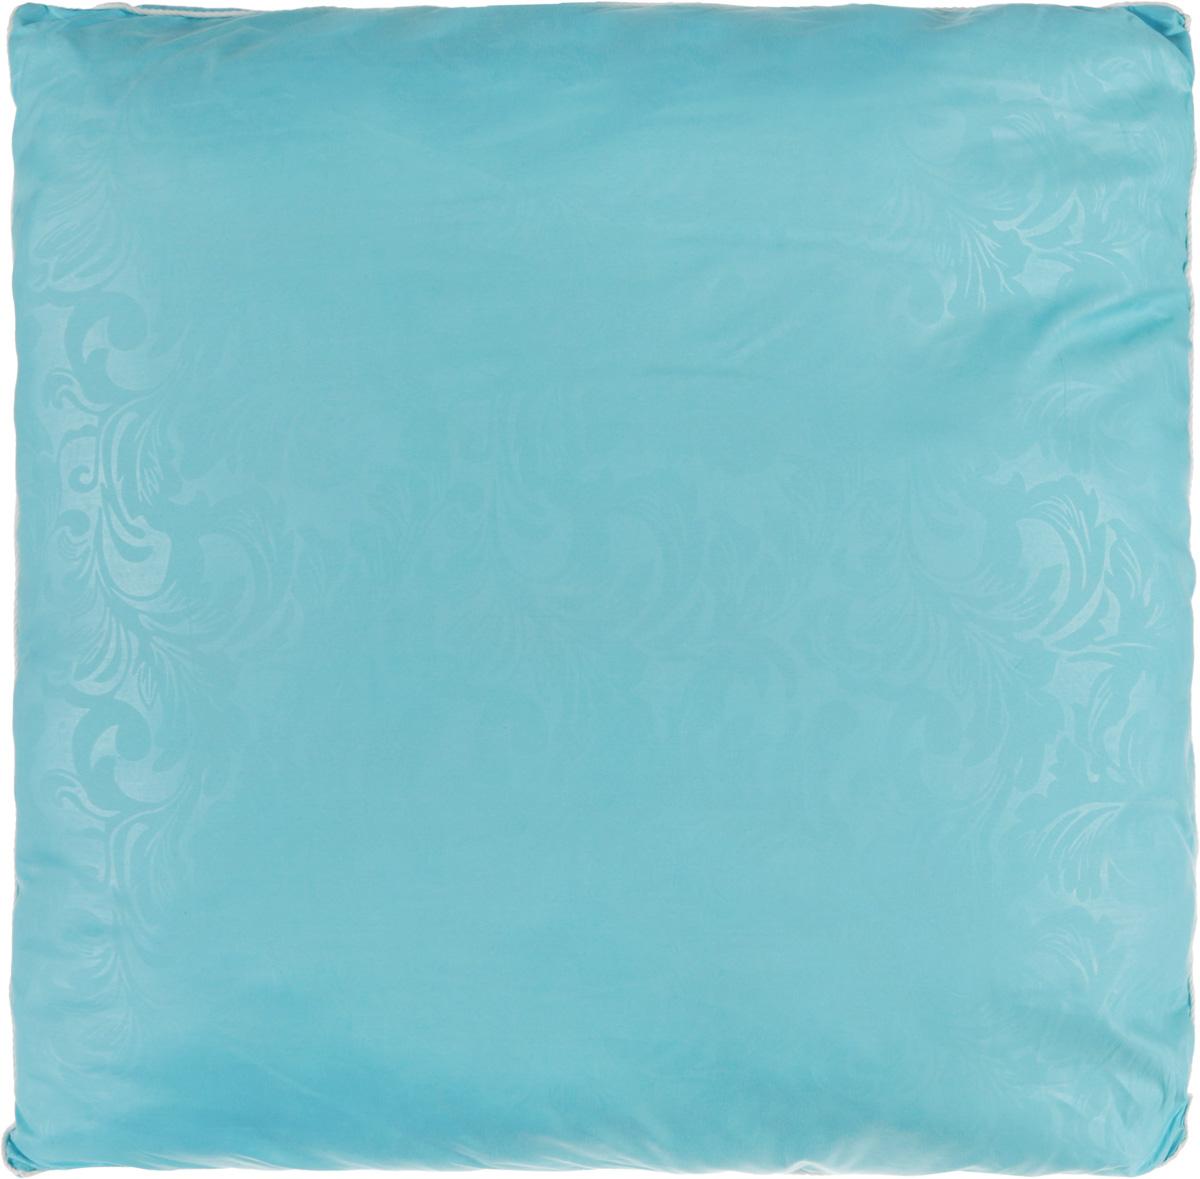 Подушка Smart Textile Безмятежность, наполнитель: лебяжий пух, бамбук, цвет: голубой, 70 х 70 смВZ09Удобная и мягкая подушка Smart Textile Безмятежность подарит здоровый сон и отличный отдых. Чехол подушки на молнии выполнен из микрофибры с красивым узором. В качестве наполнителя используется лебяжий пух с добавлением бамбукового волокна. Подушка мягкая, легкая и воздушная, бамбуковый наполнитель напоминает вату или синтепон. Лебяжий пух - это 100% сверхтонкое высокосиликонизированное волокно. Такой наполнитель мягкий и приятный на ощупь. Гипоаллергенное волокно бамбука легко пропускает воздух и не вызывает потливости. Оно мгновенно впитывает влагу и быстро высыхает, что особенно важно в летний зной. Подушка удобна в эксплуатации: легко стирается, быстро сохнет, сохраняя первоначальные свойства, устойчива к воздействию прямых солнечных лучей, износостойка и прочна. Подушка не накапливает запахов и не требует химчистки. Подушка упруга, великолепно держит форму, а также отличается достаточной жесткостью. Сон на такой подушке не принесет болей в шее и позвоночнике. Изделие также обладает высокой теплоизоляционной способностью - не вызывает перегрева головы.